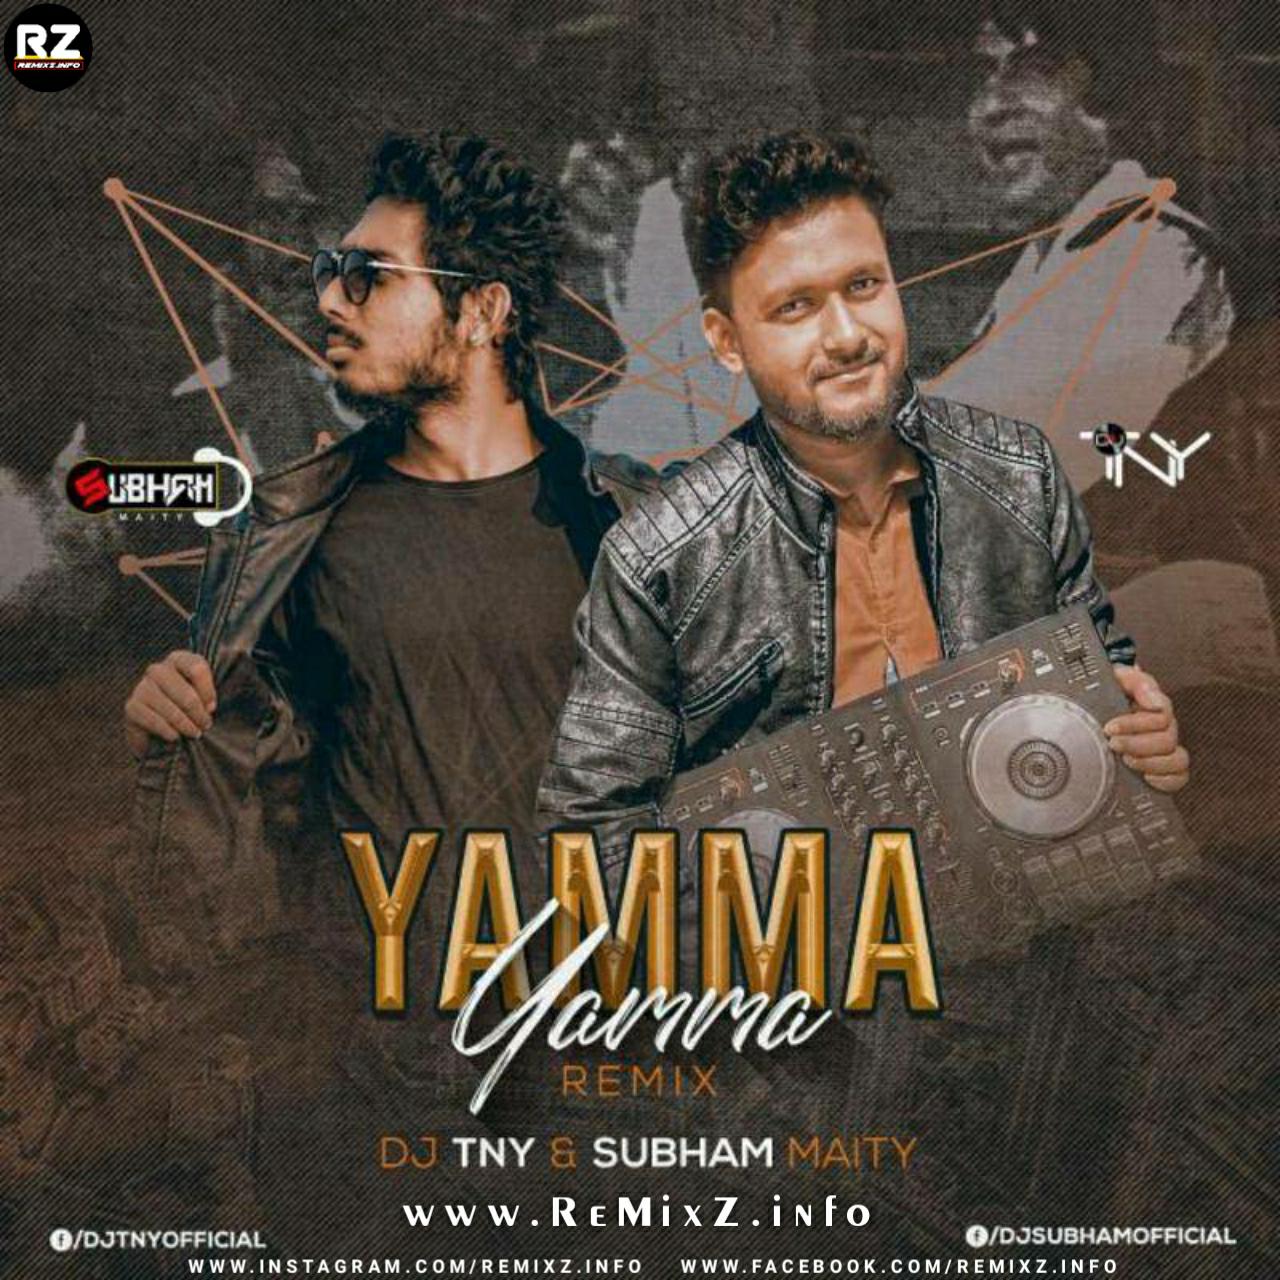 yamma-yamma-2k20-remix-dj-tny-x-subham.jpg